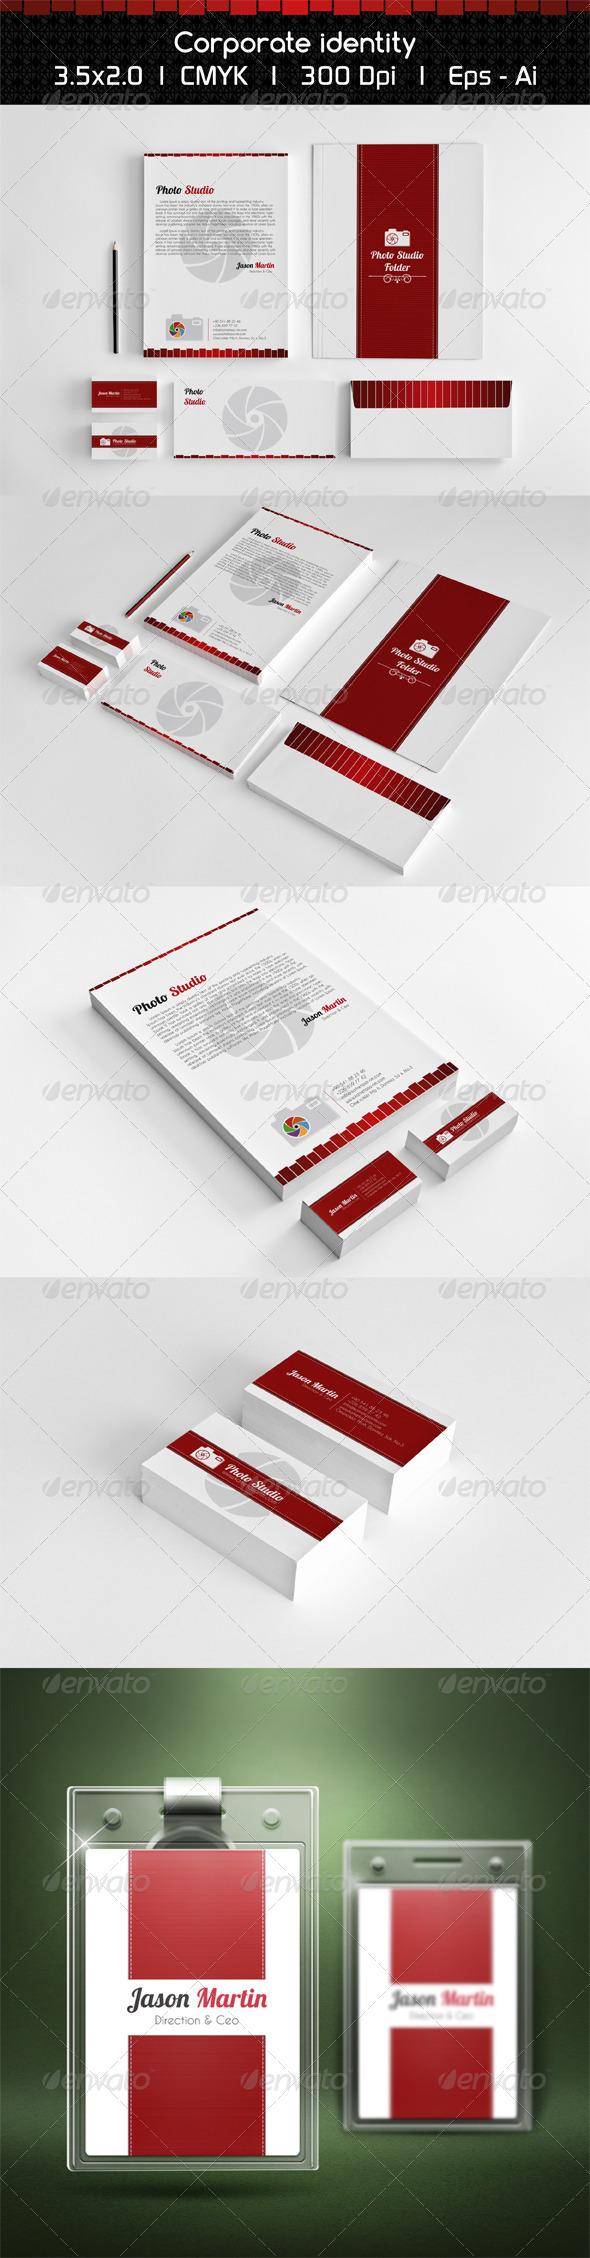 GraphicRiver Photo Studio Corporate Identity 5839865